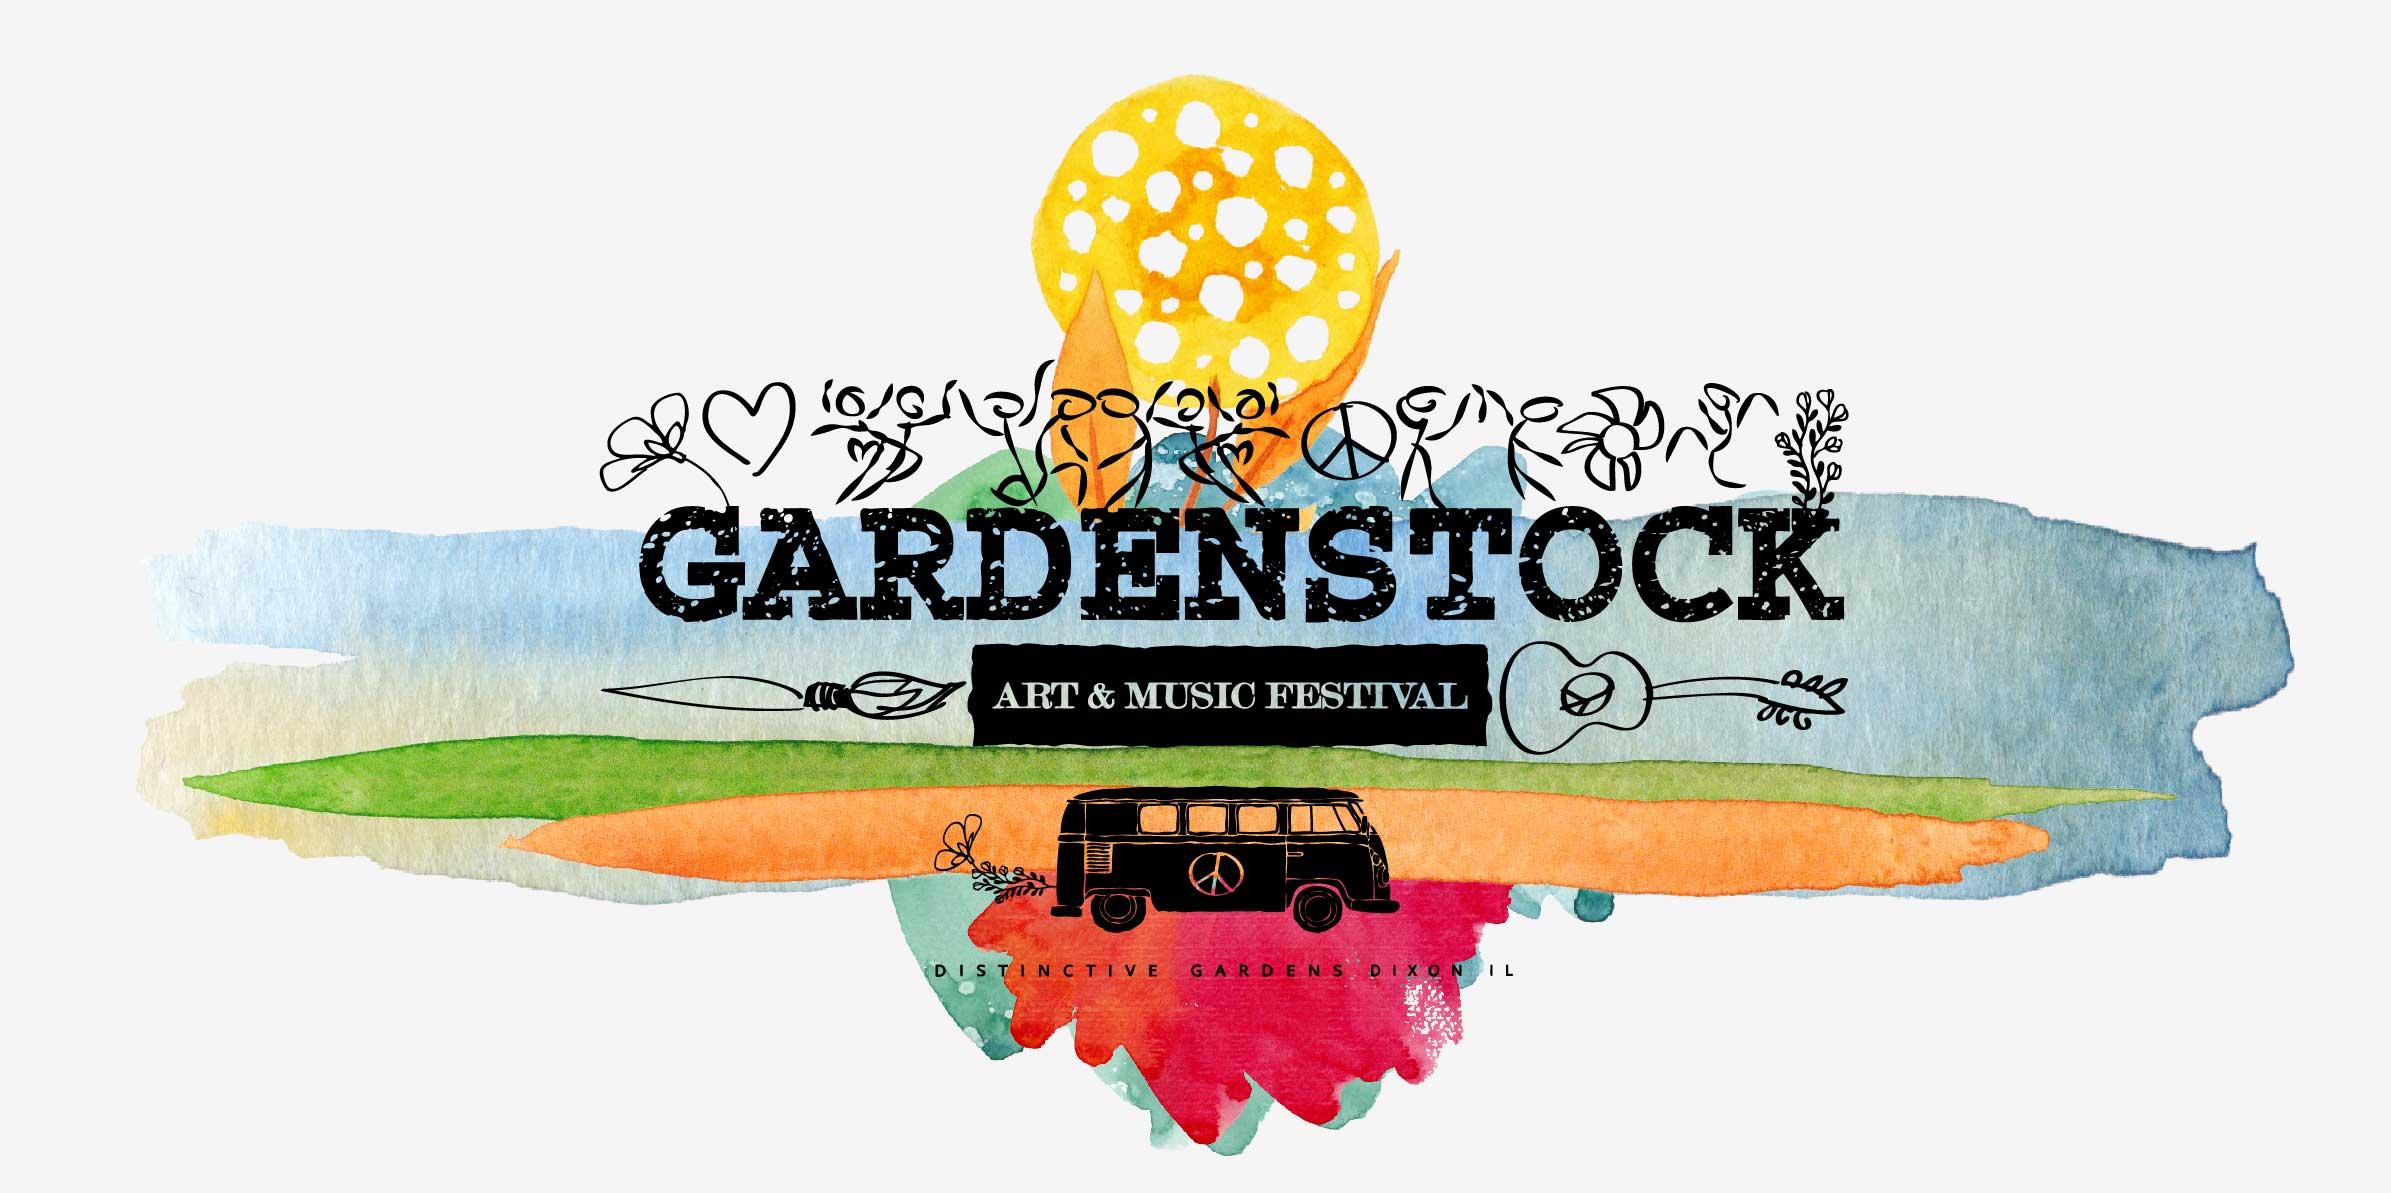 2017 Gardenstock Art & Music Festival News!